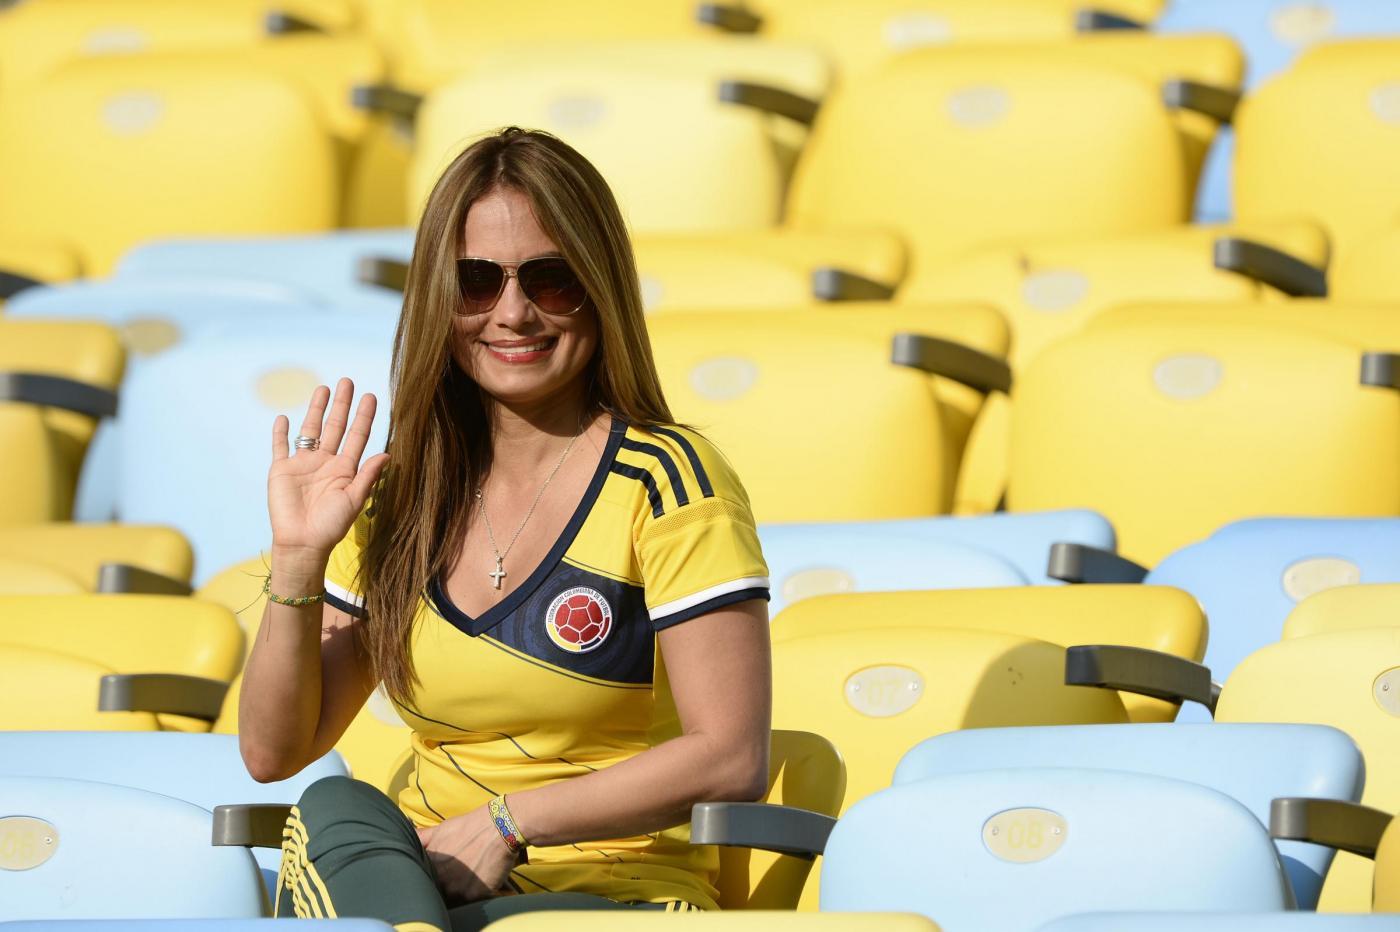 Colombia Liga Aguila mercoledì 24 aprile. In Colombia tre recuperi della Liga Aguila. Ottava, 16ma e 19ma le giornate coinvolte